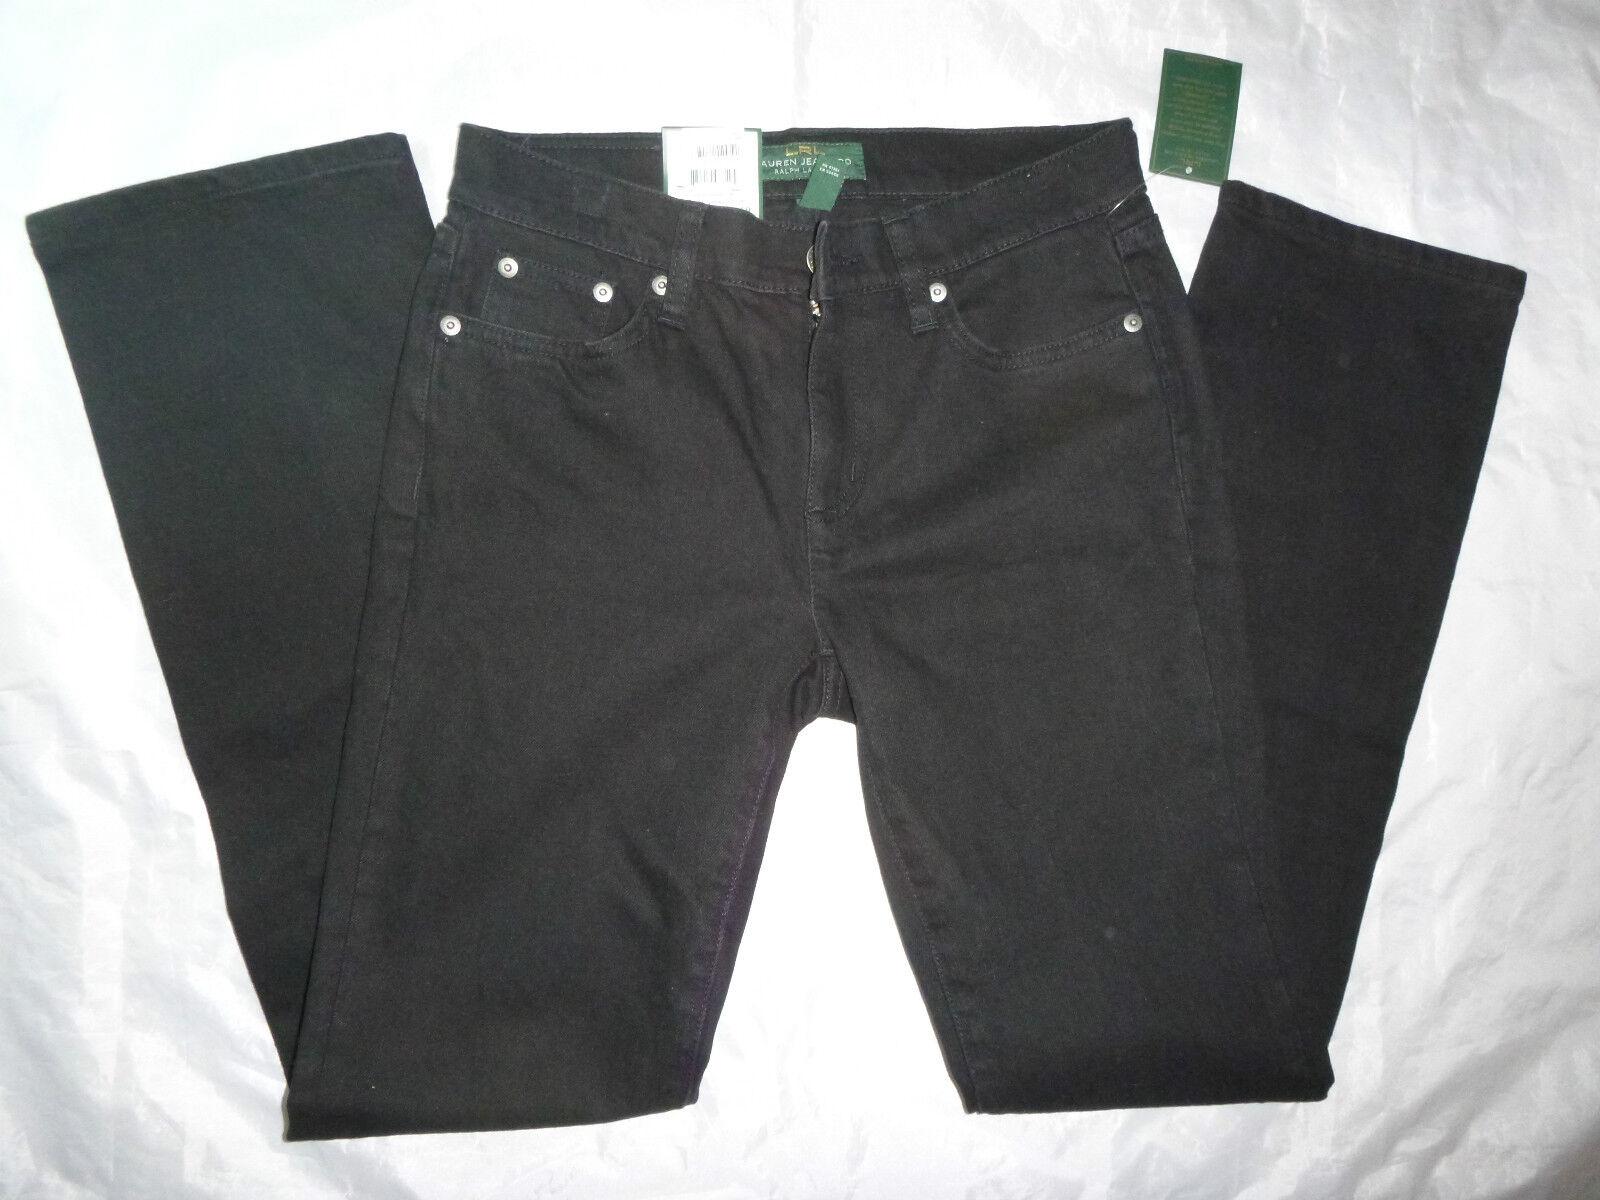 Ralph Lauren Damen Klassisch Gerade Jeans Größe 2 X 31L Neu Nwt